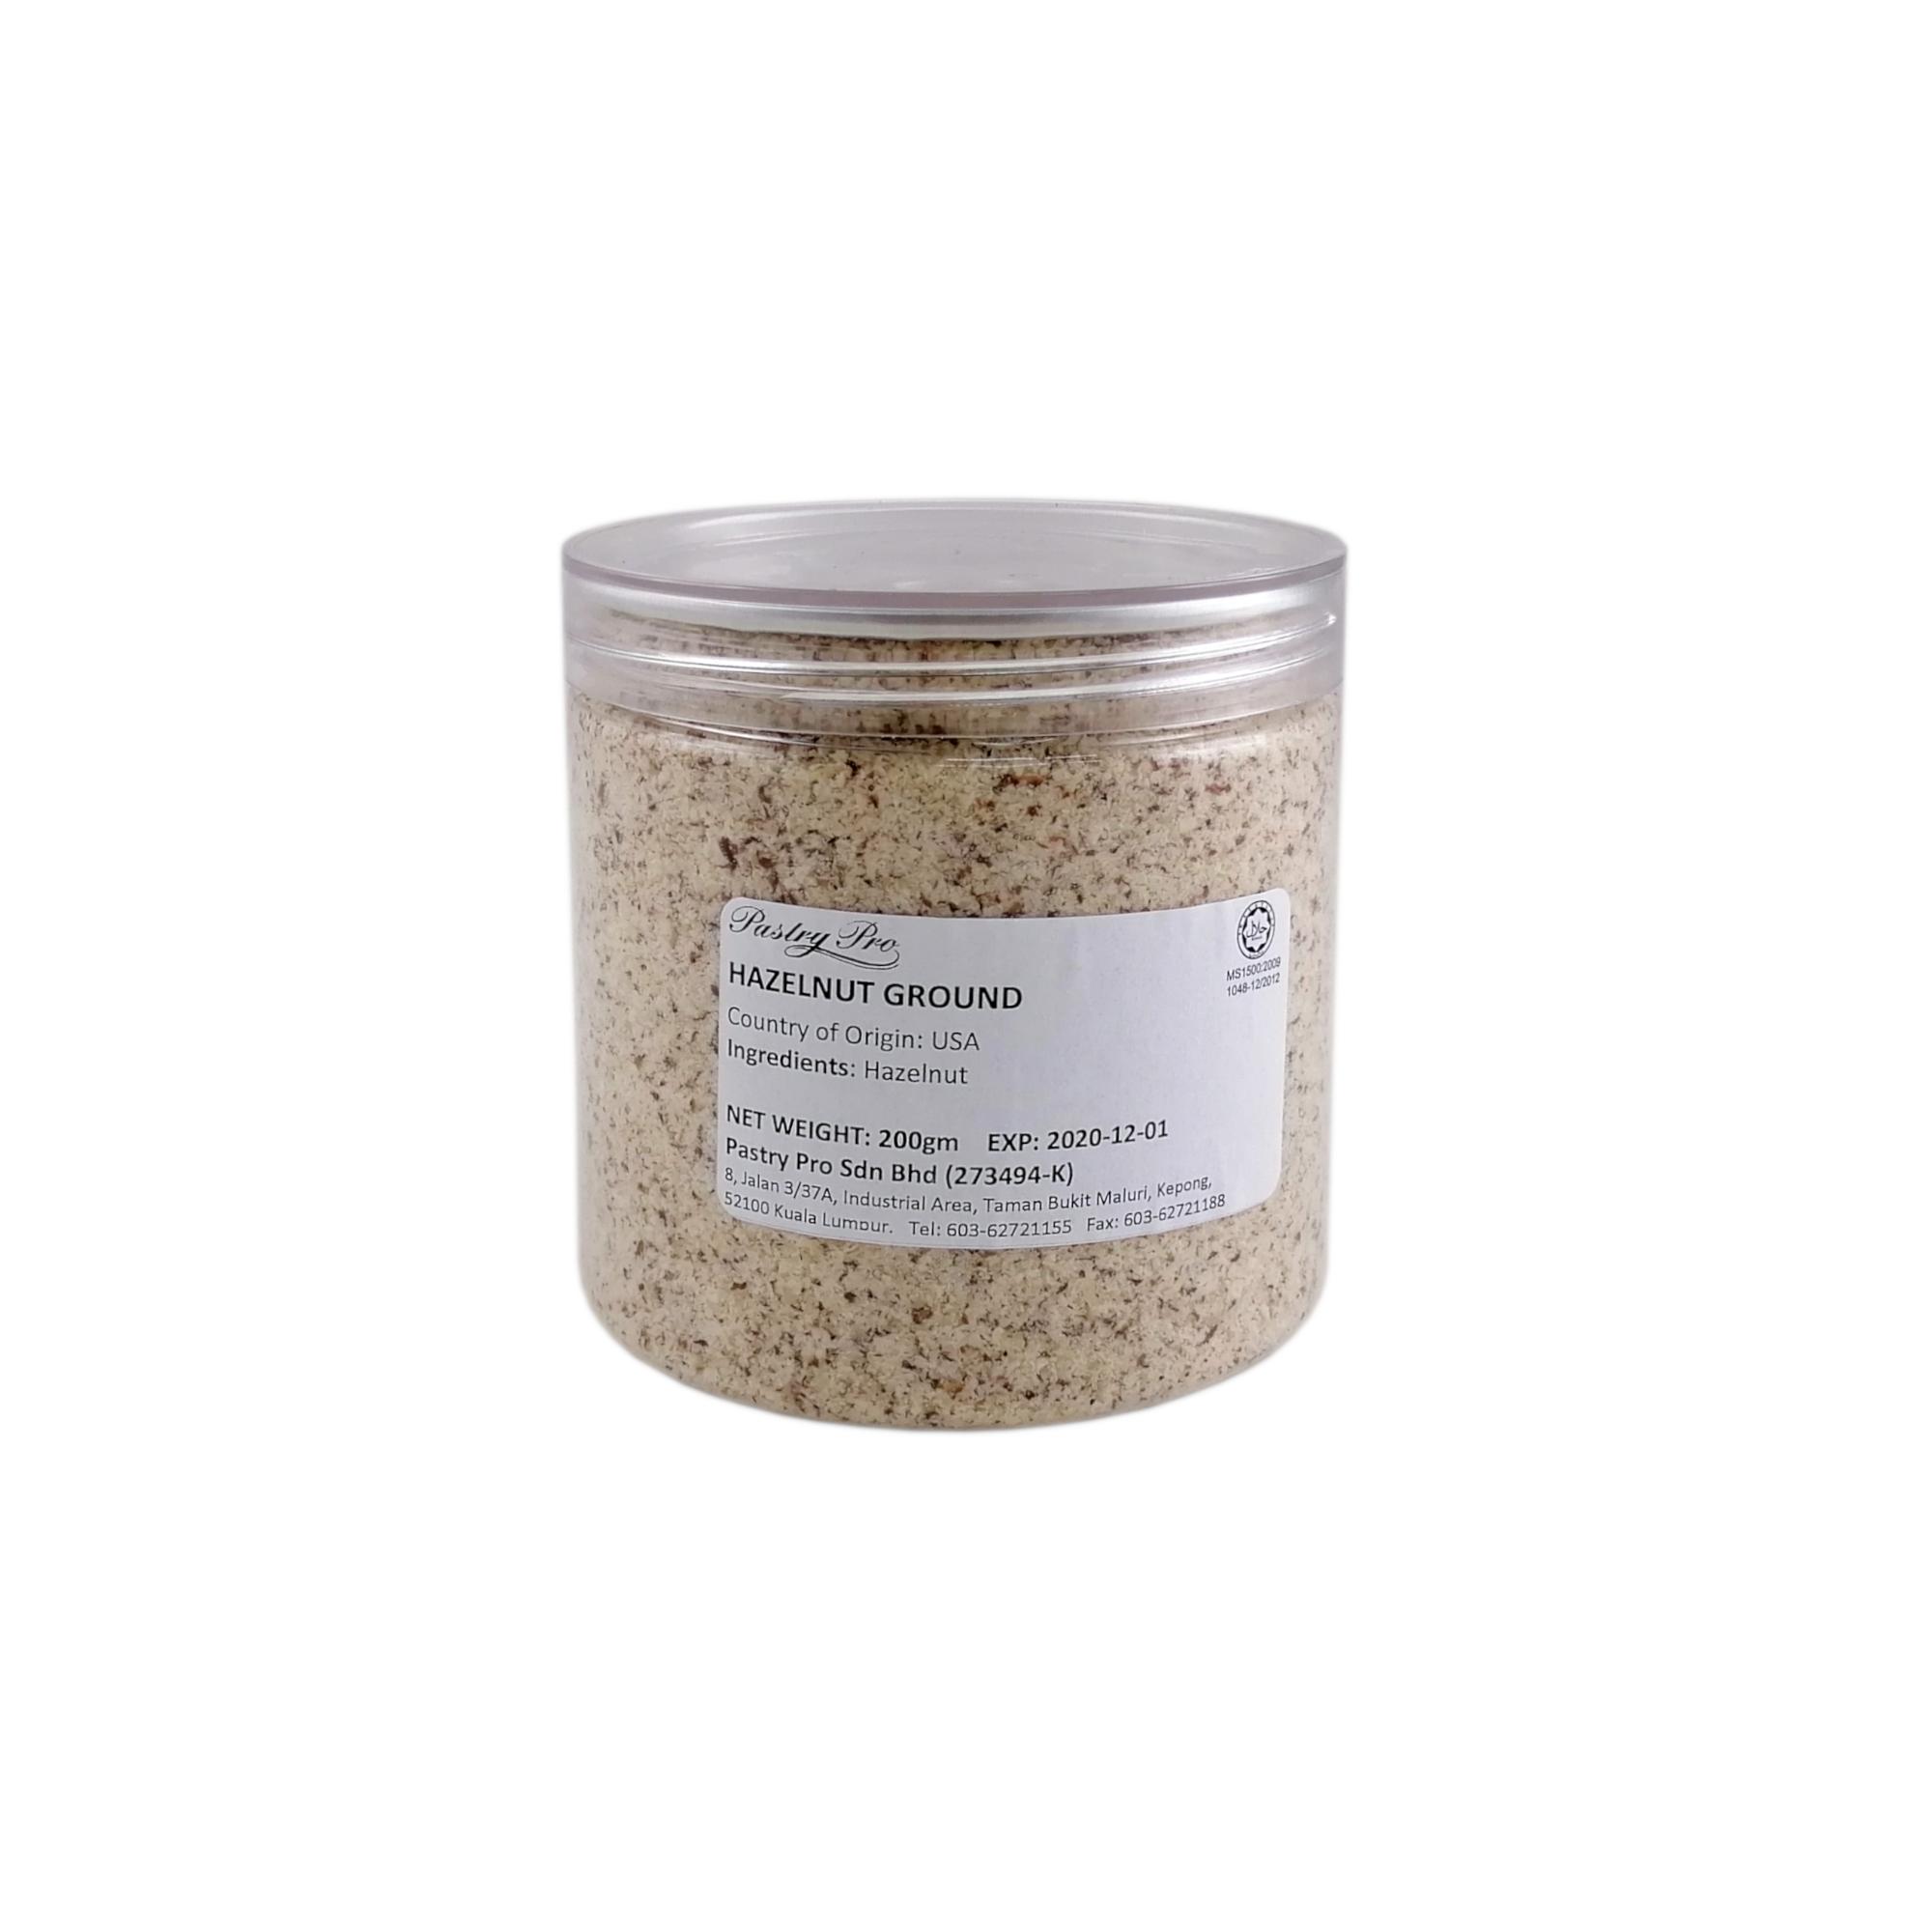 Hazelnut Ground, Halal, From Turkey, 200 g